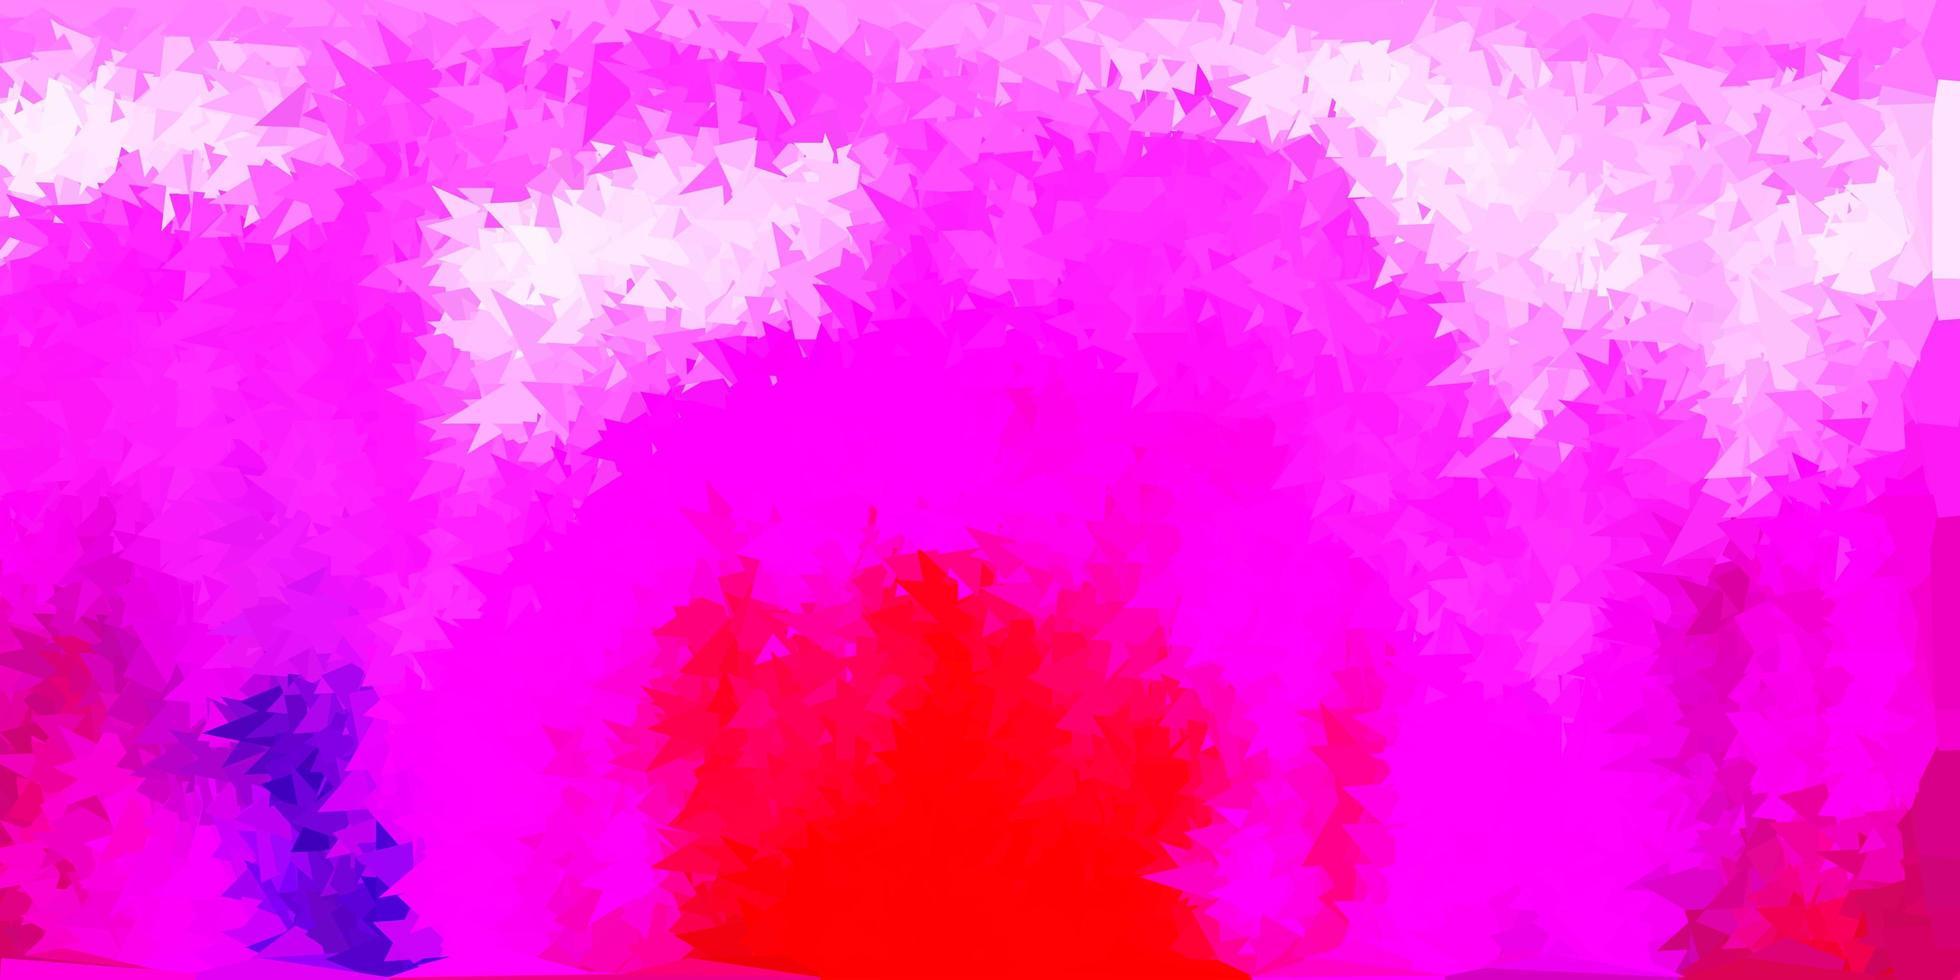 ljuslila, rosa vektor geometrisk polygonal design.